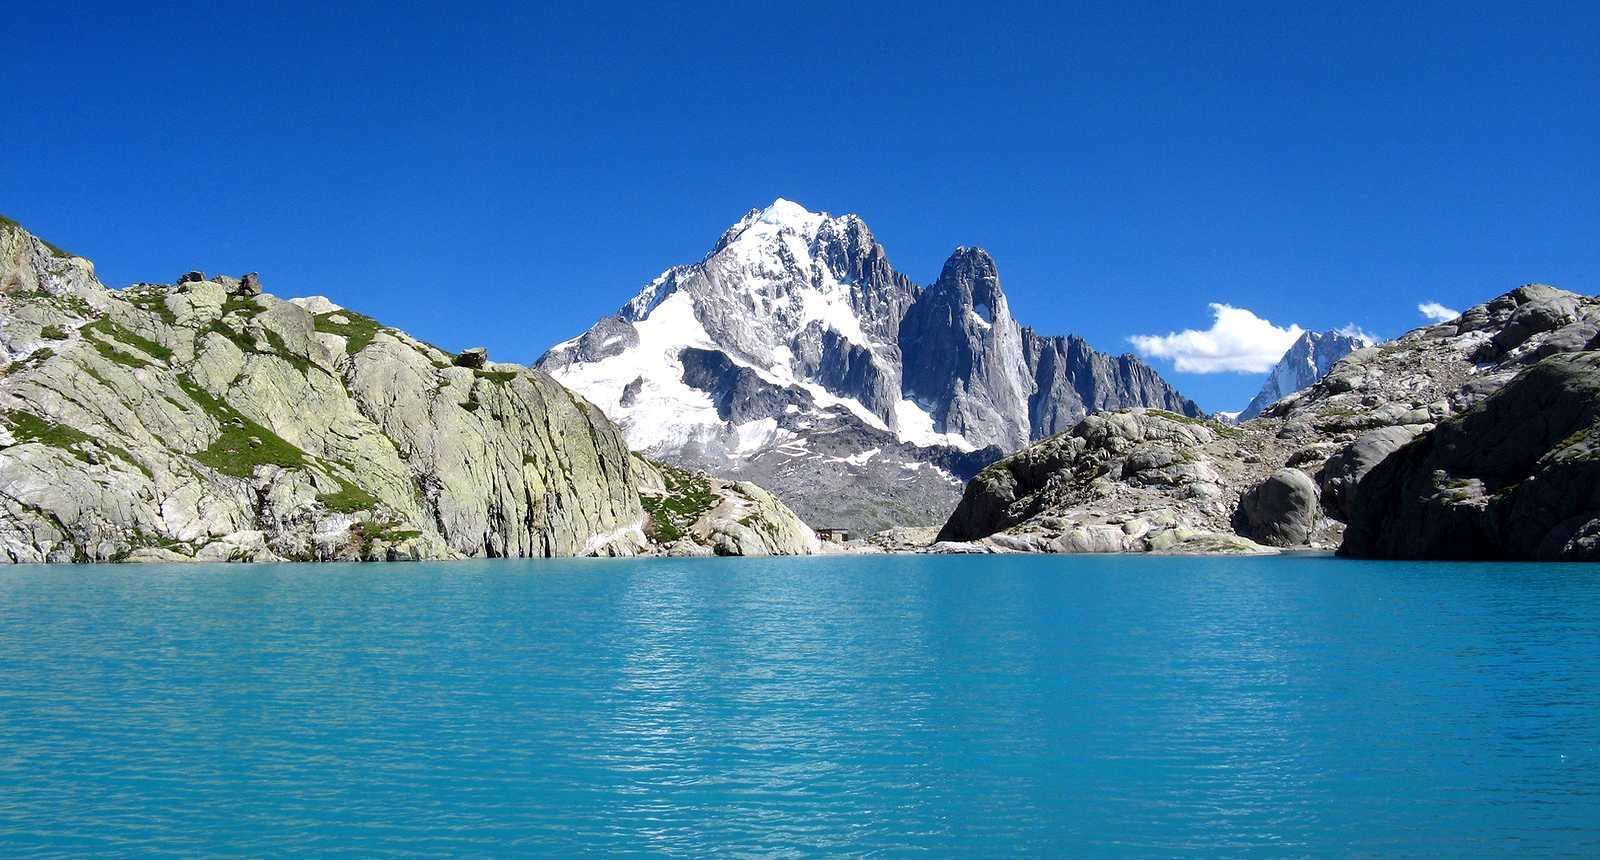 Le Lac Blanc dans la Vallée de Chamonix